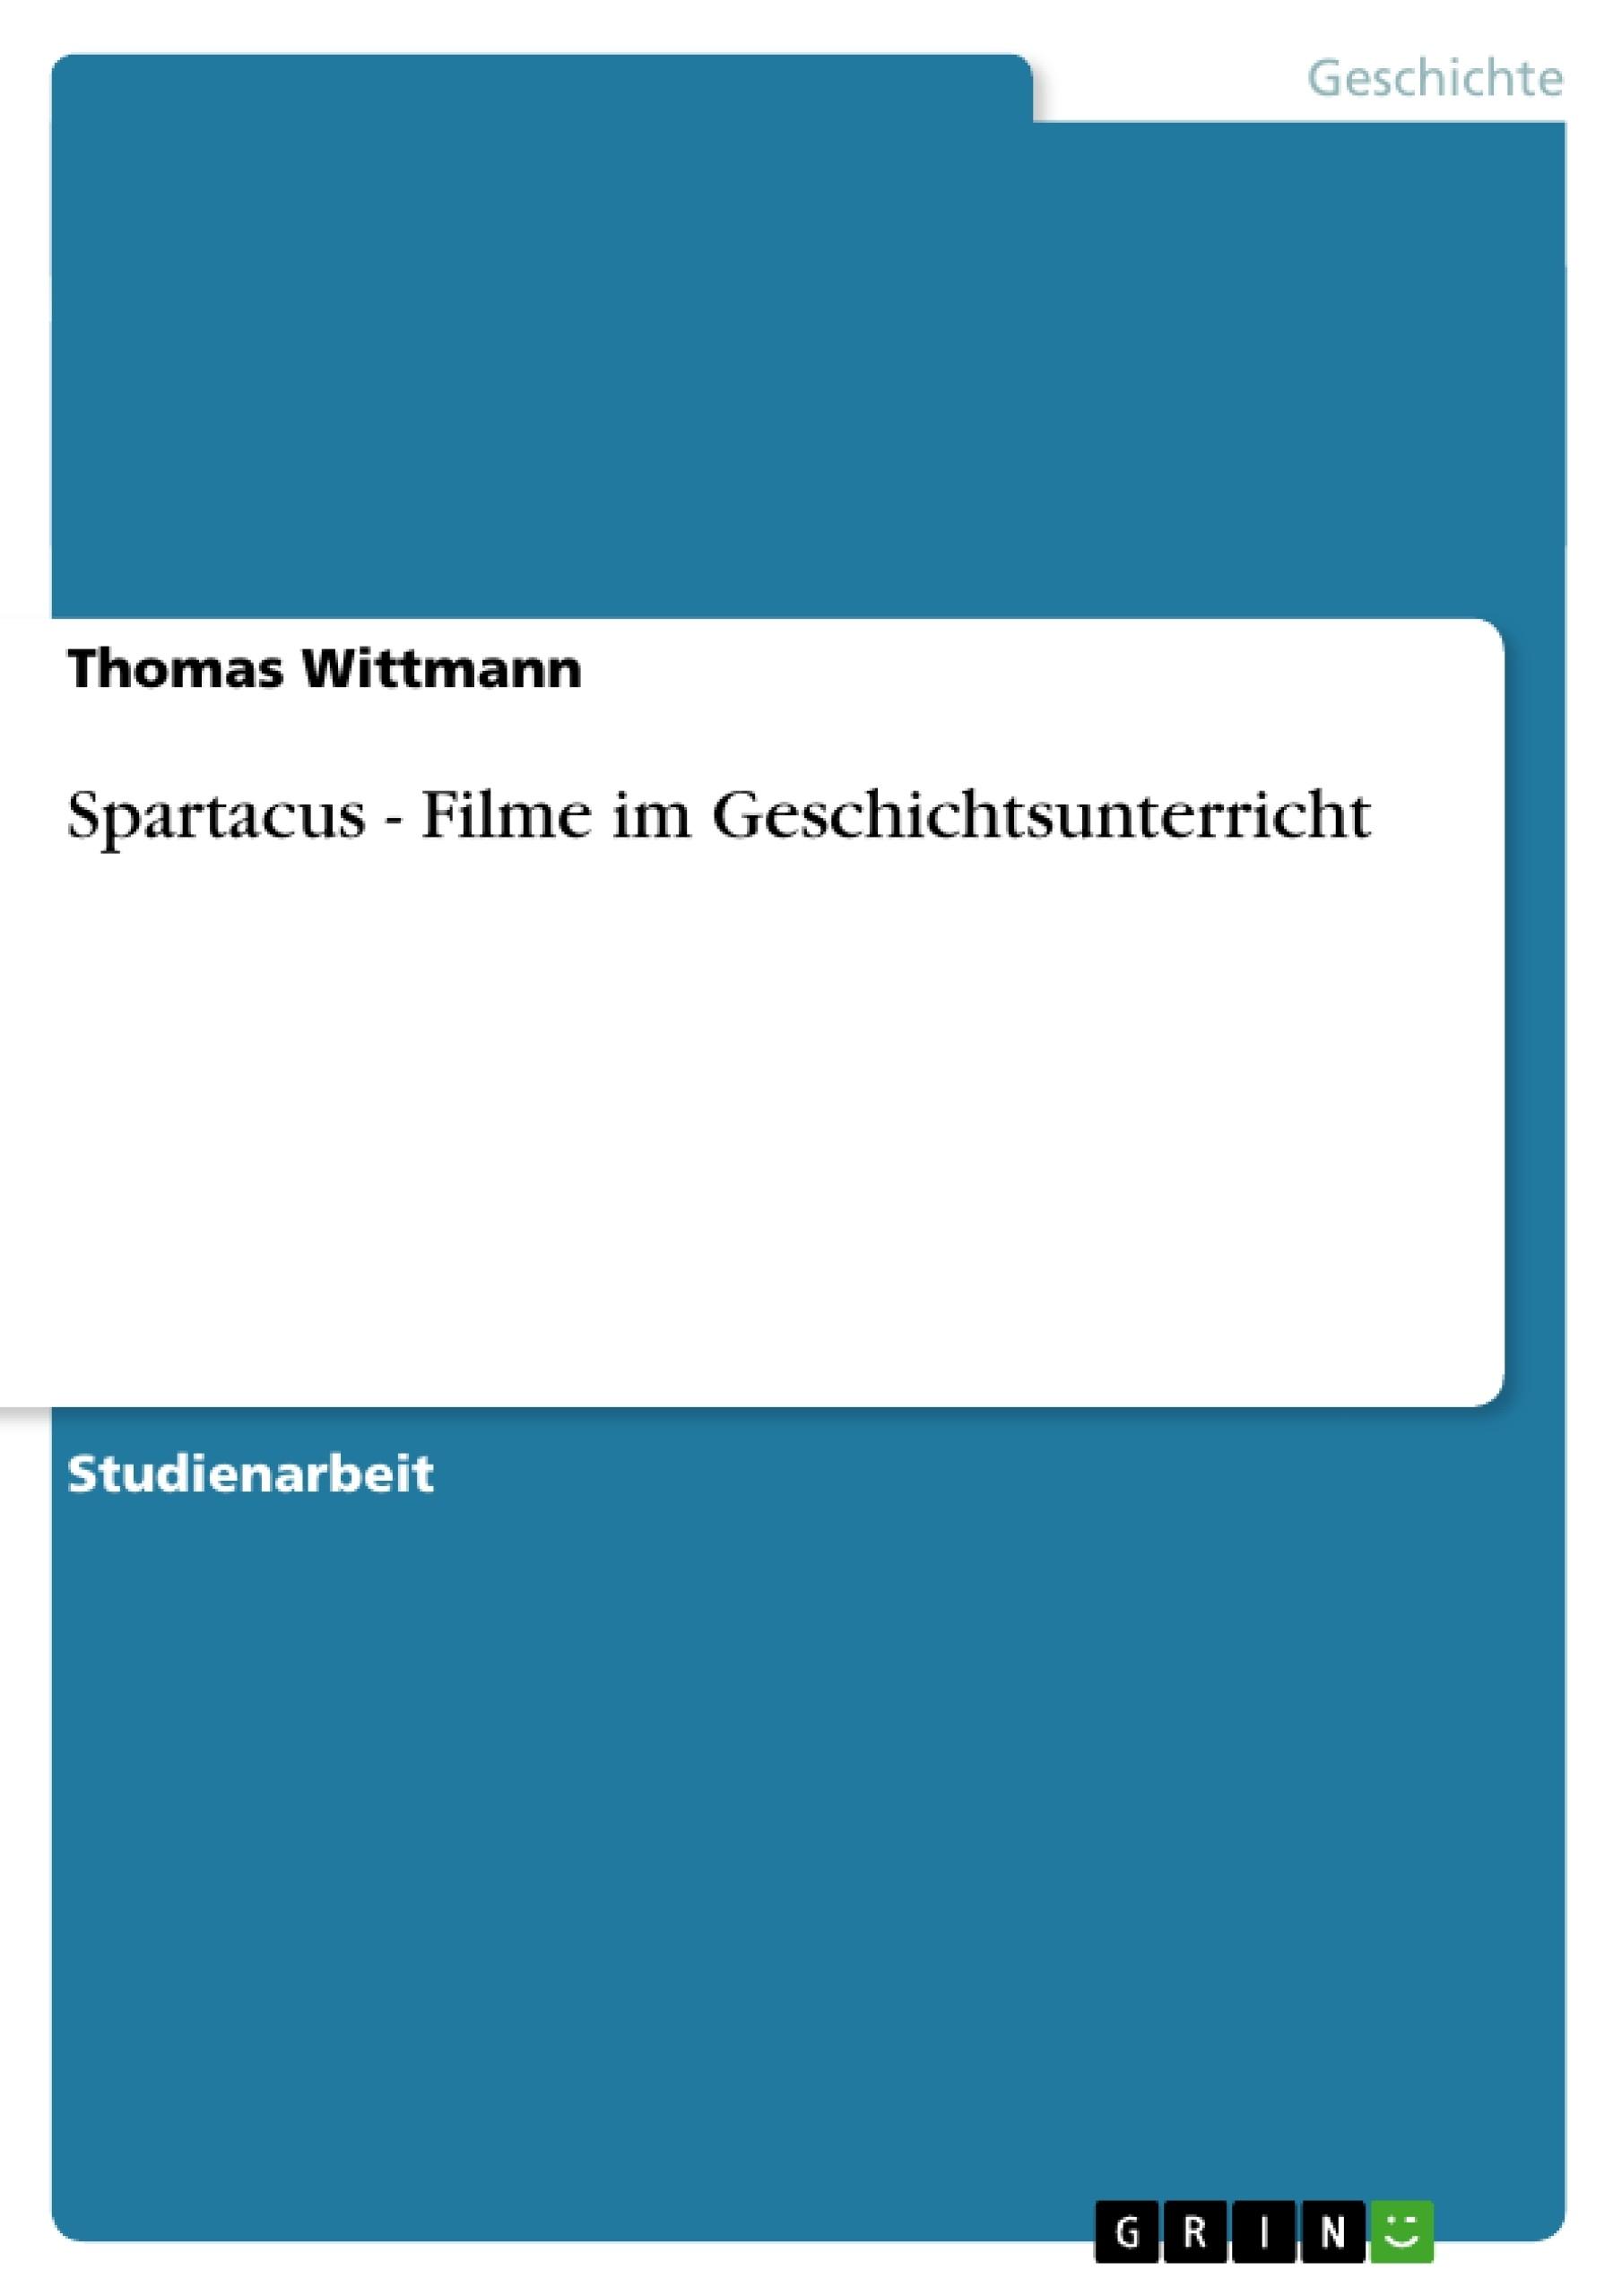 Titel: Spartacus - Filme im Geschichtsunterricht